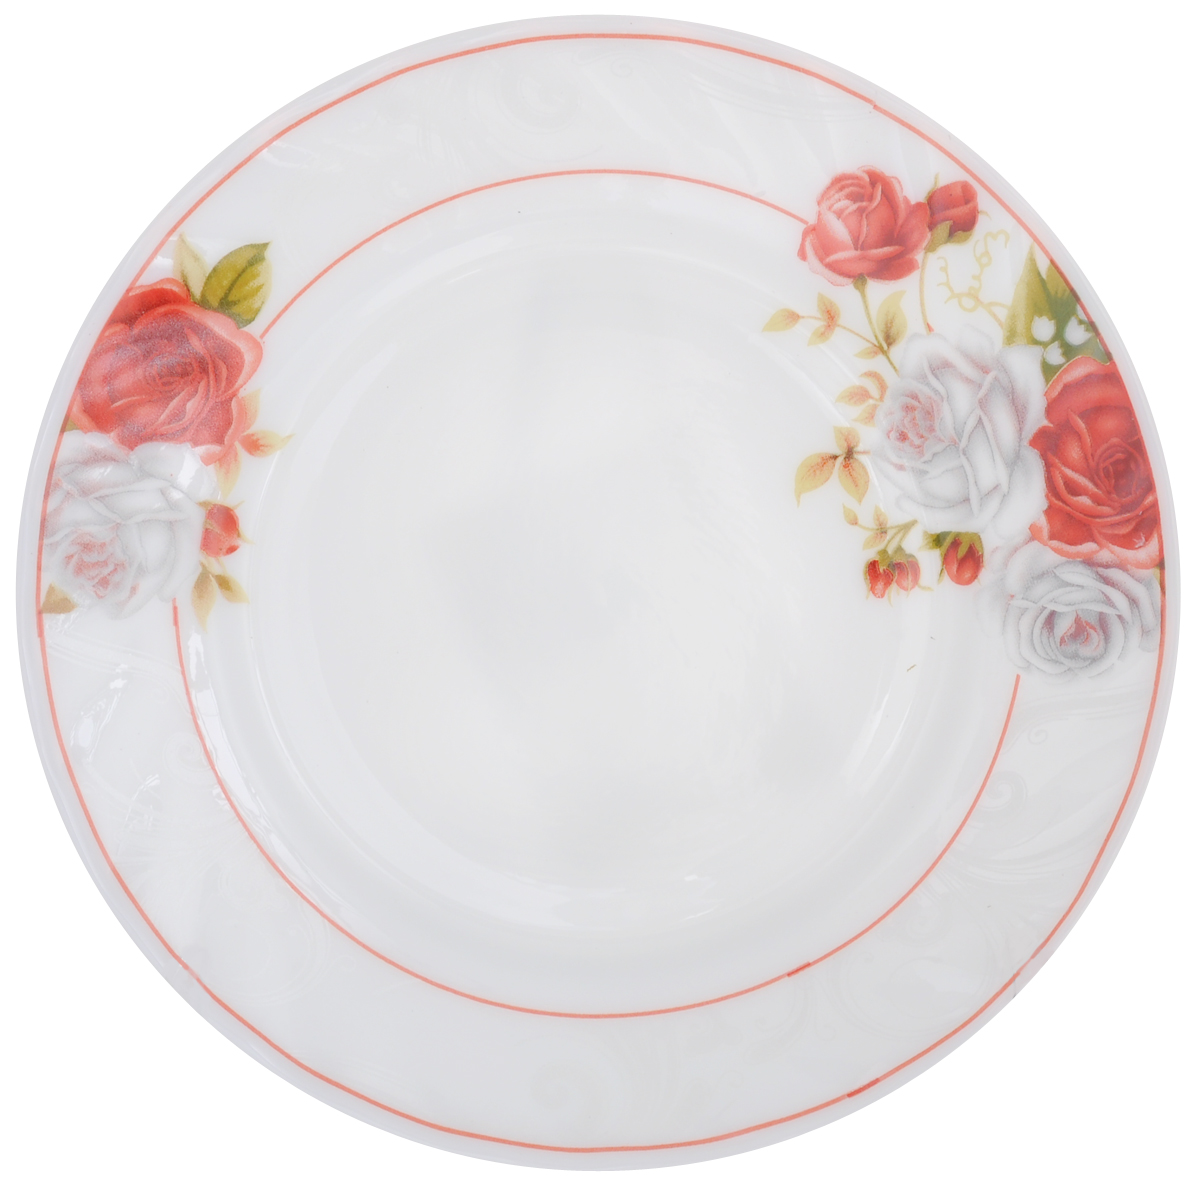 Тарелка десертная Chinbull Классик, диаметр 18 смFS-91909Десертная тарелка Chinbull Классик, изготовленная из экологически чистой стеклокерамики, оформлена красочным рисунком цветов и изящными узорами. Такая тарелка прекрасно подходит как для торжественных случаев, так и для повседневного использования. Идеальна для подачи десертов, пирожных, тортов и многого другого. Она прекрасно оформит стол и станет отличным дополнением к вашей коллекции кухонной посуды.Можно использовать в посудомоечной машине и СВЧ.Диаметр (по верхнему краю): 18 см.Высота стенки: 1,7 см.